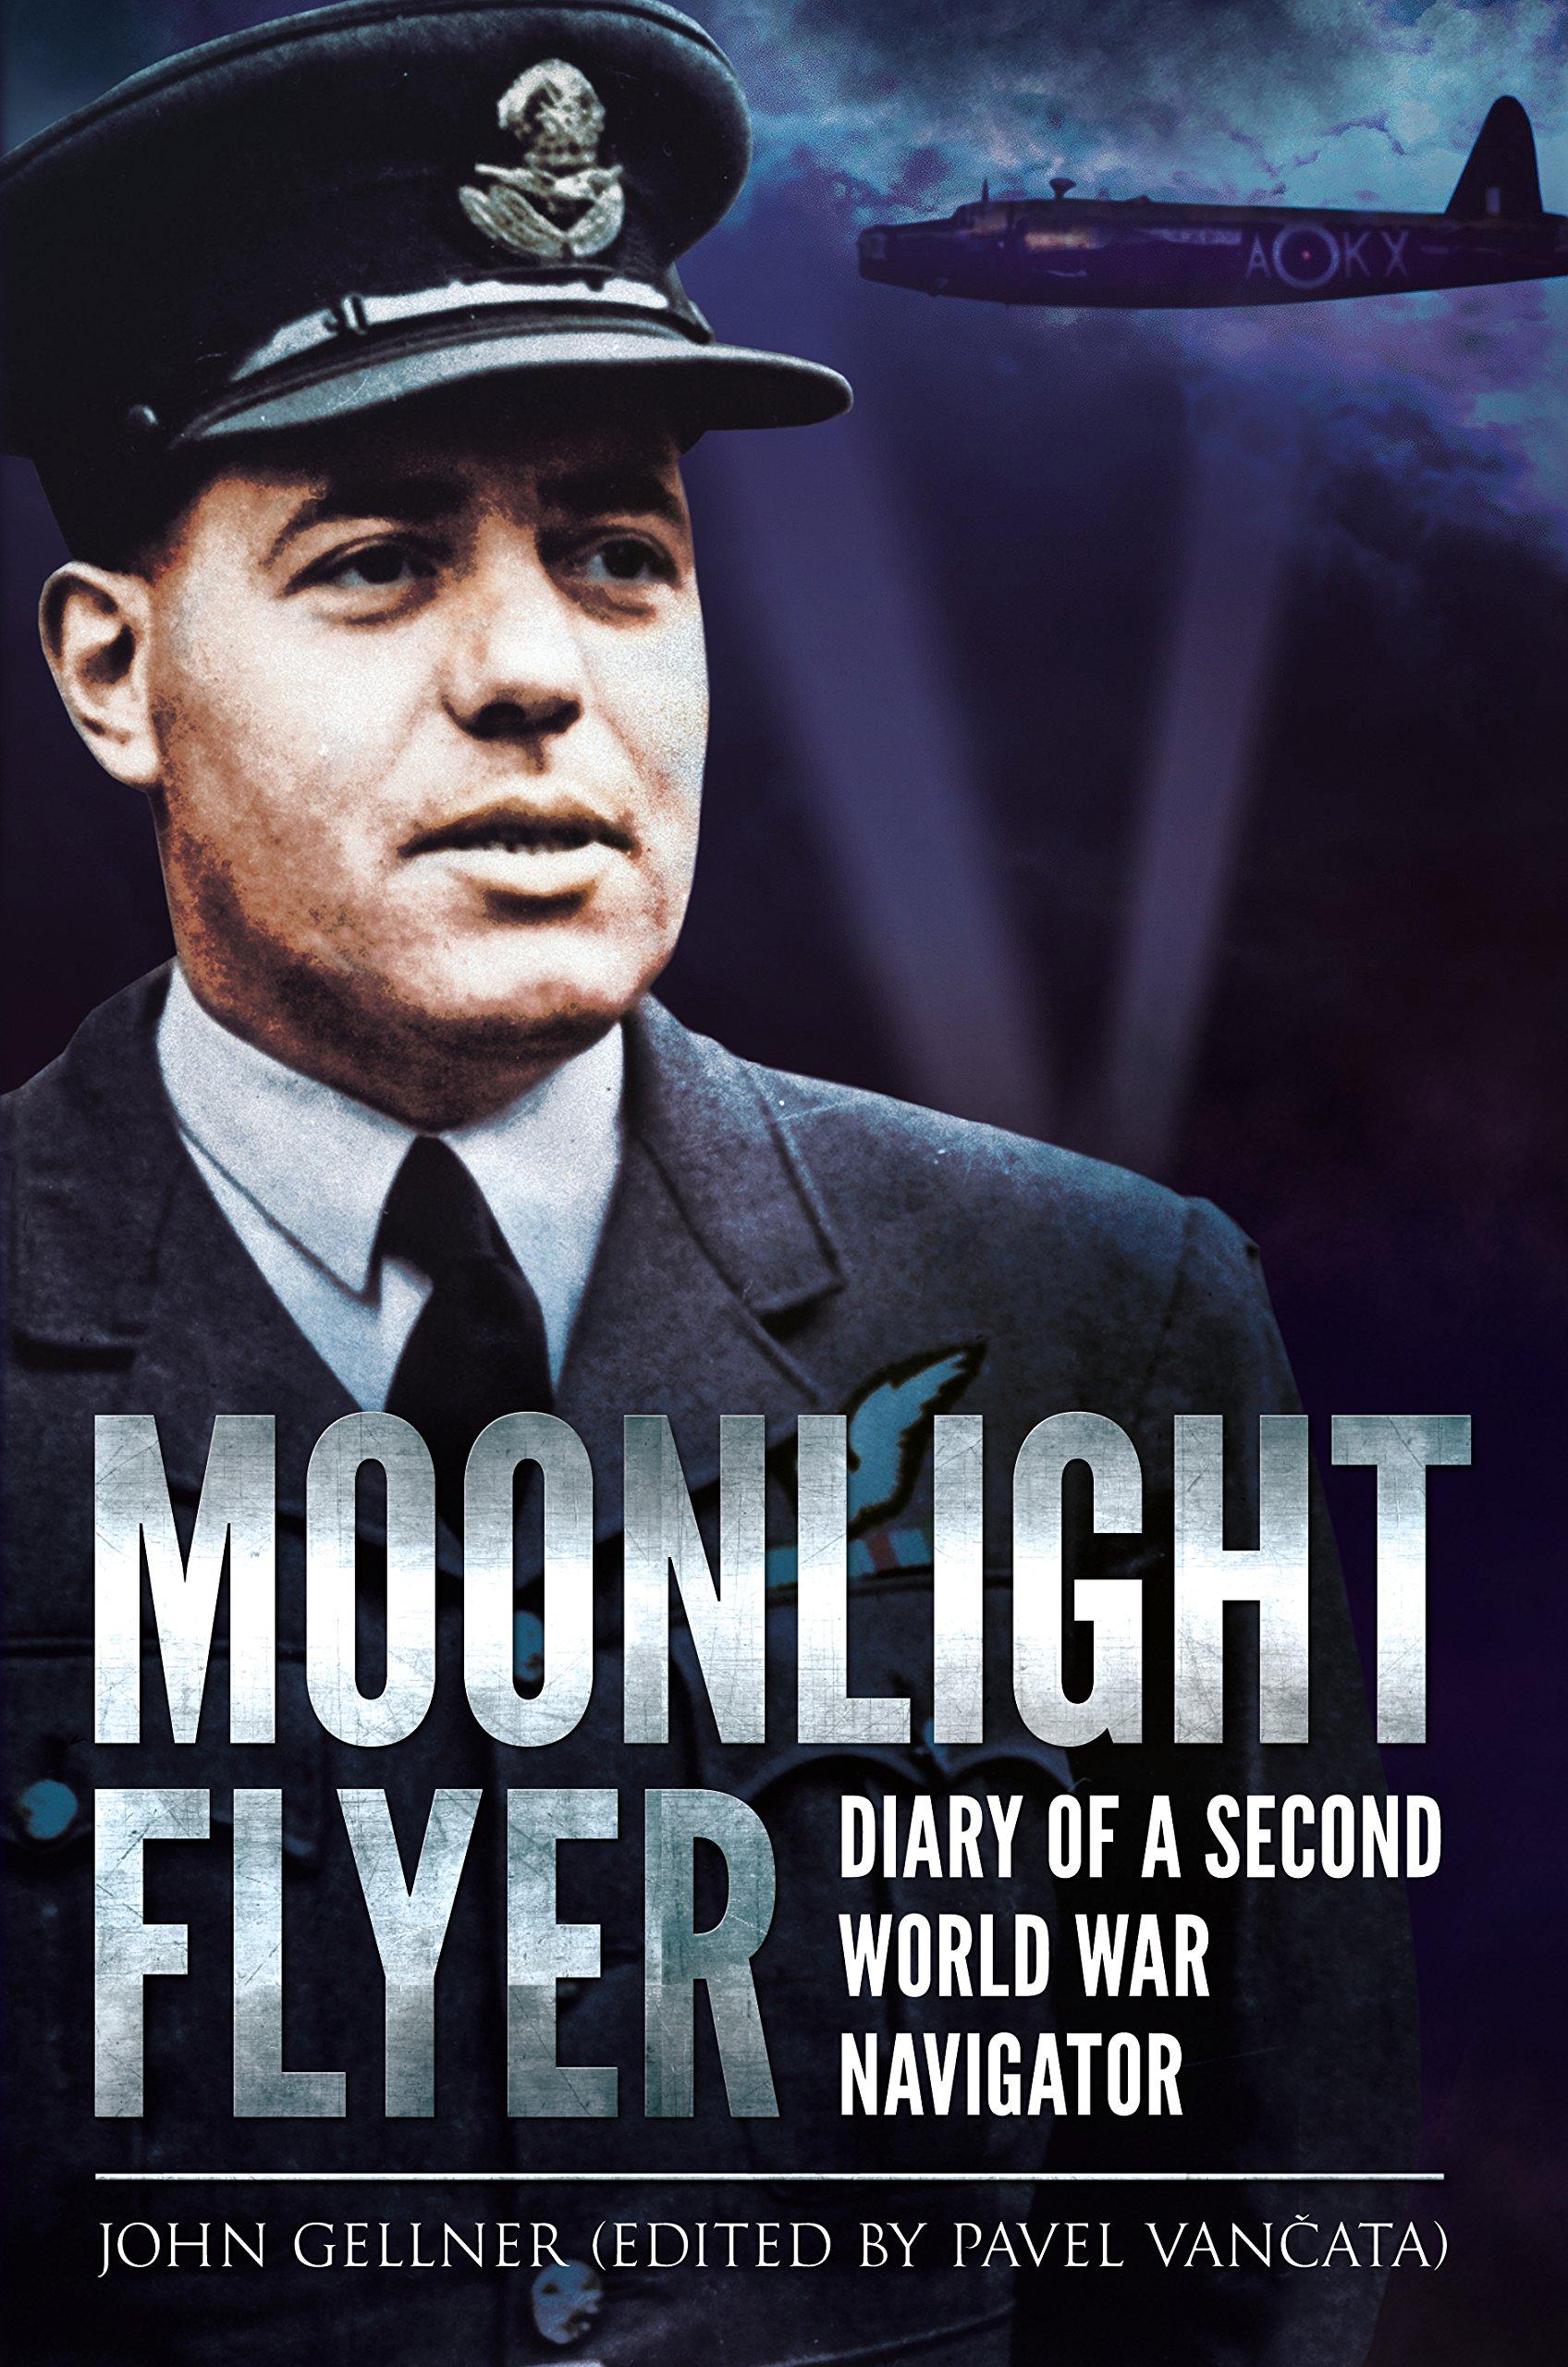 Moonlight Flyer: Diary of a Second World War Navigator